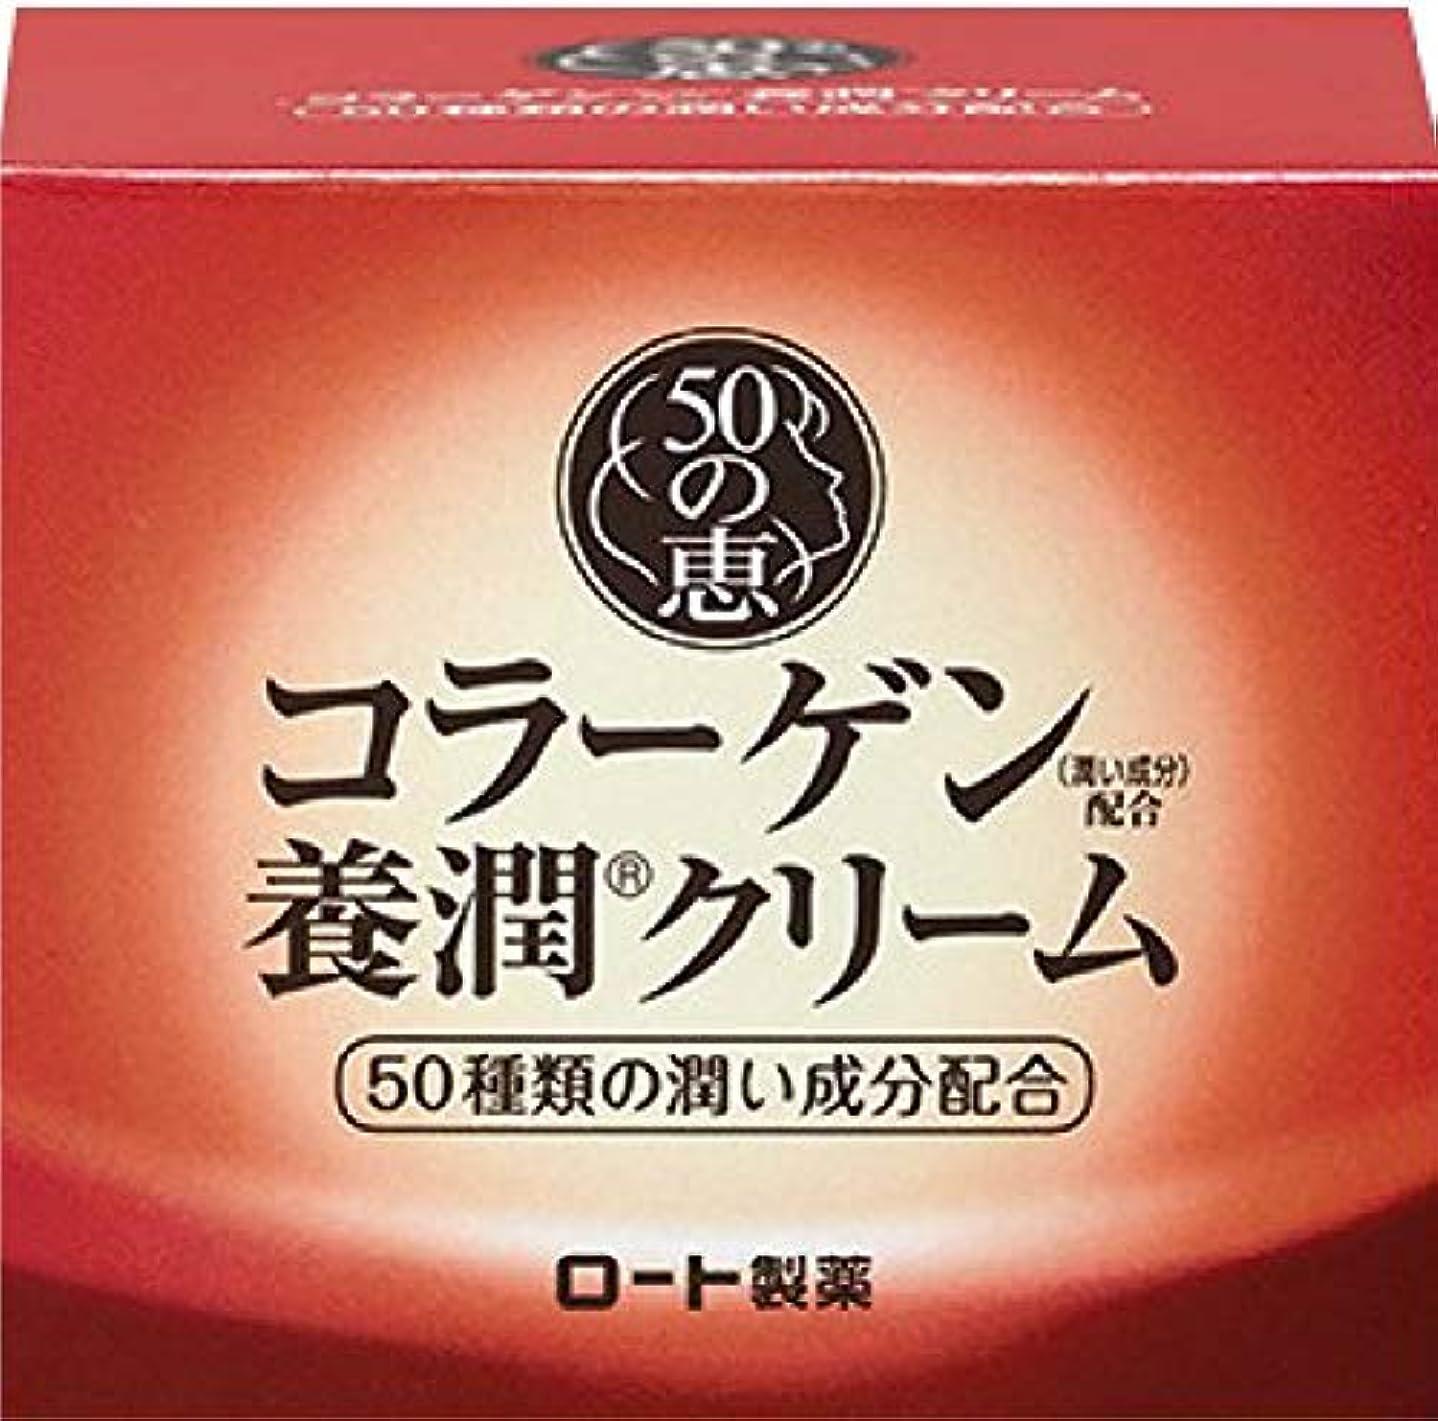 フレット入手します舗装するロート製薬 50の恵エイジングケア 養潤成分50種類配合 クリーム 90g